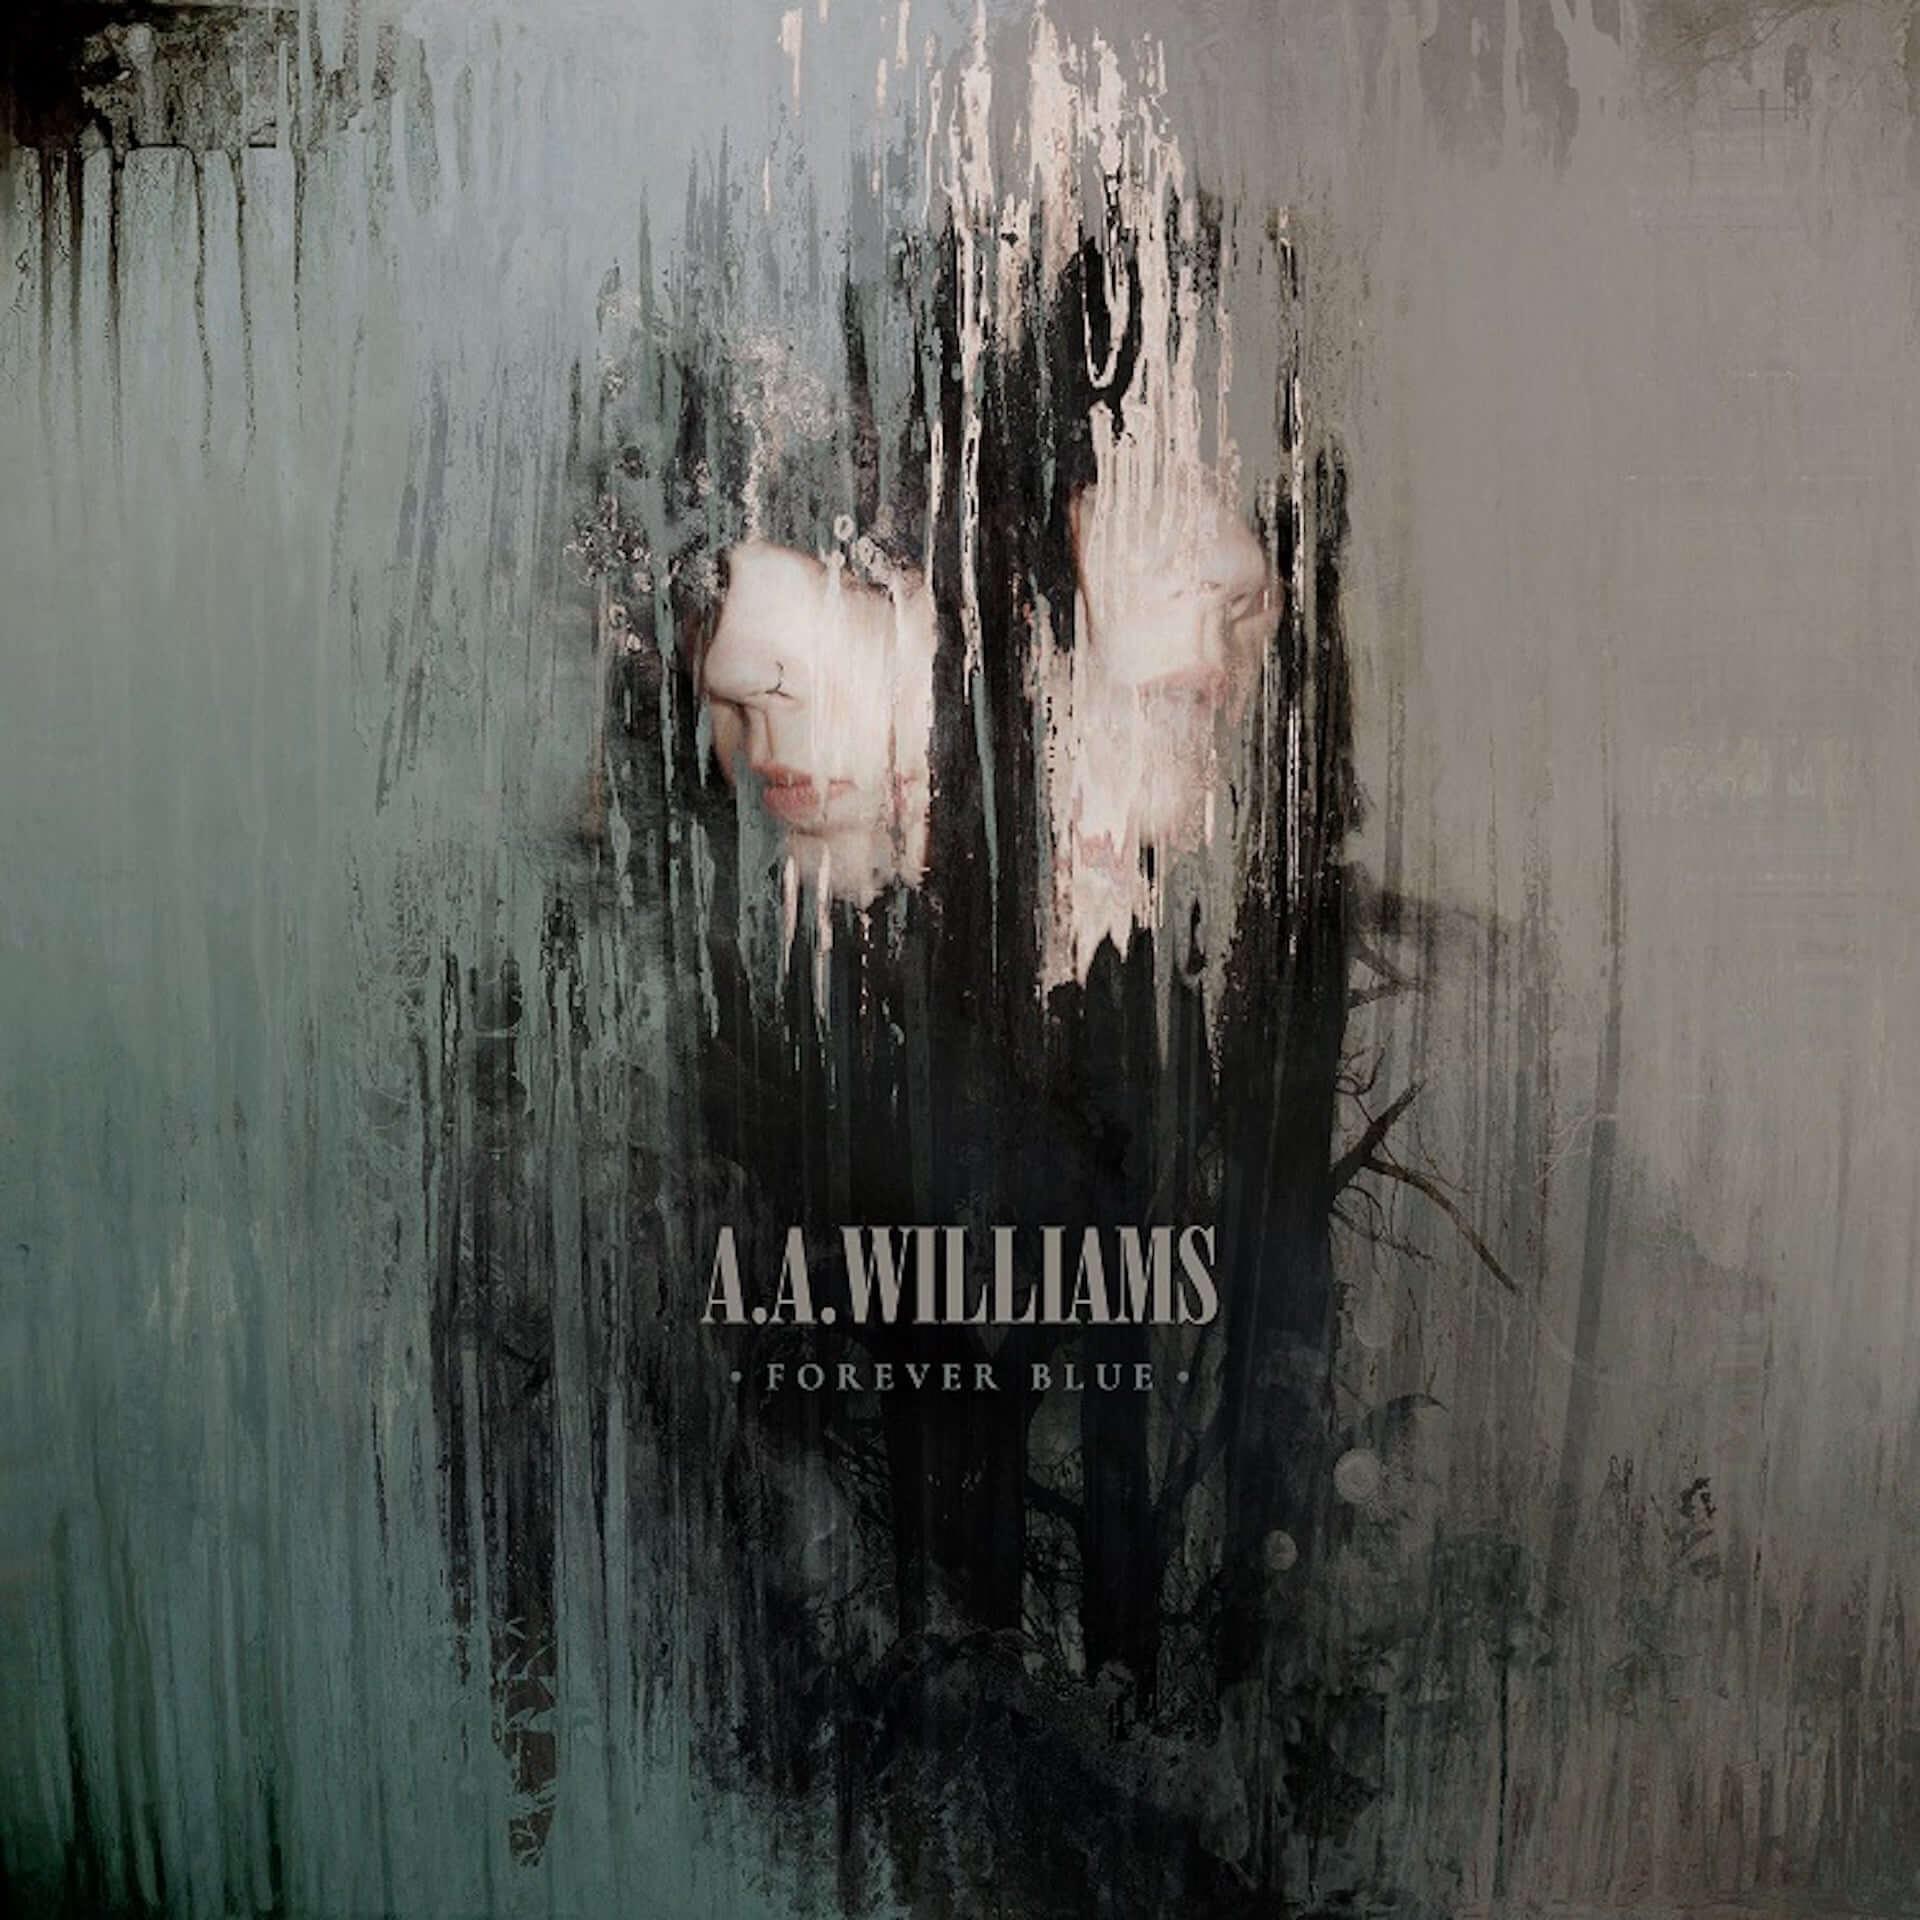 ロンドンのSSW、A.A. Williamsがポストロックとポストクラシカルを融合させたデビューアルバム『Forever Blue』を〈Bella Union〉から発売決定! music200709_aa_williams_1-1920x1920